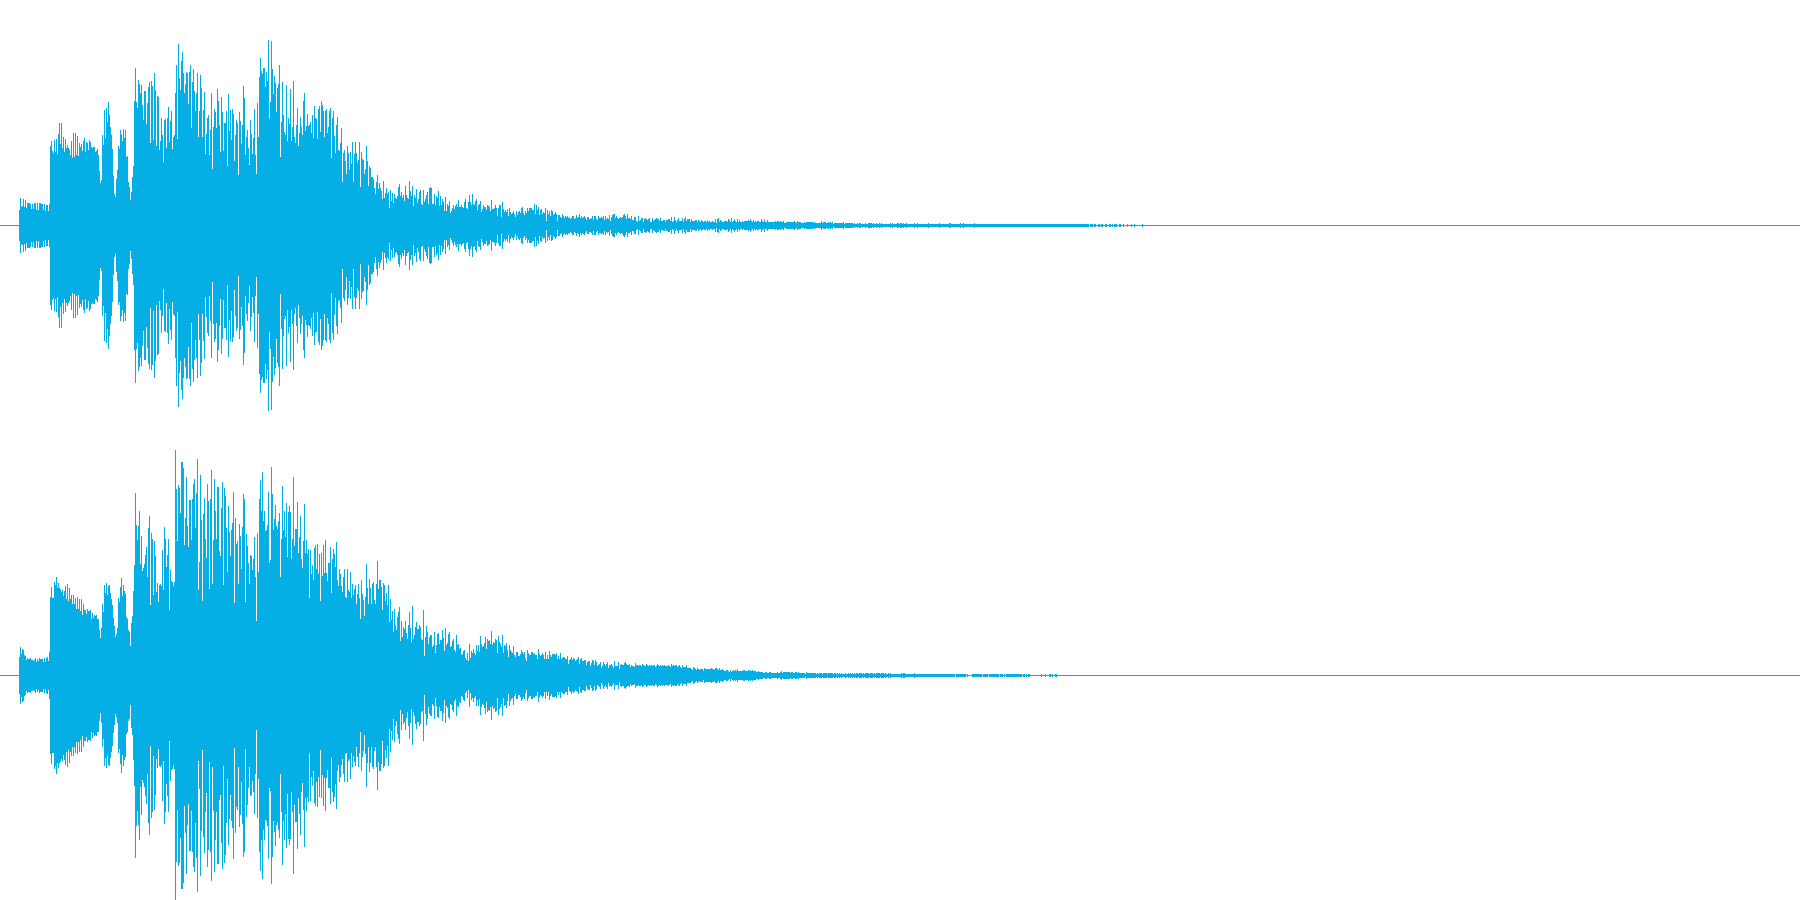 アラーム音12 ハープ(maj7)の再生済みの波形